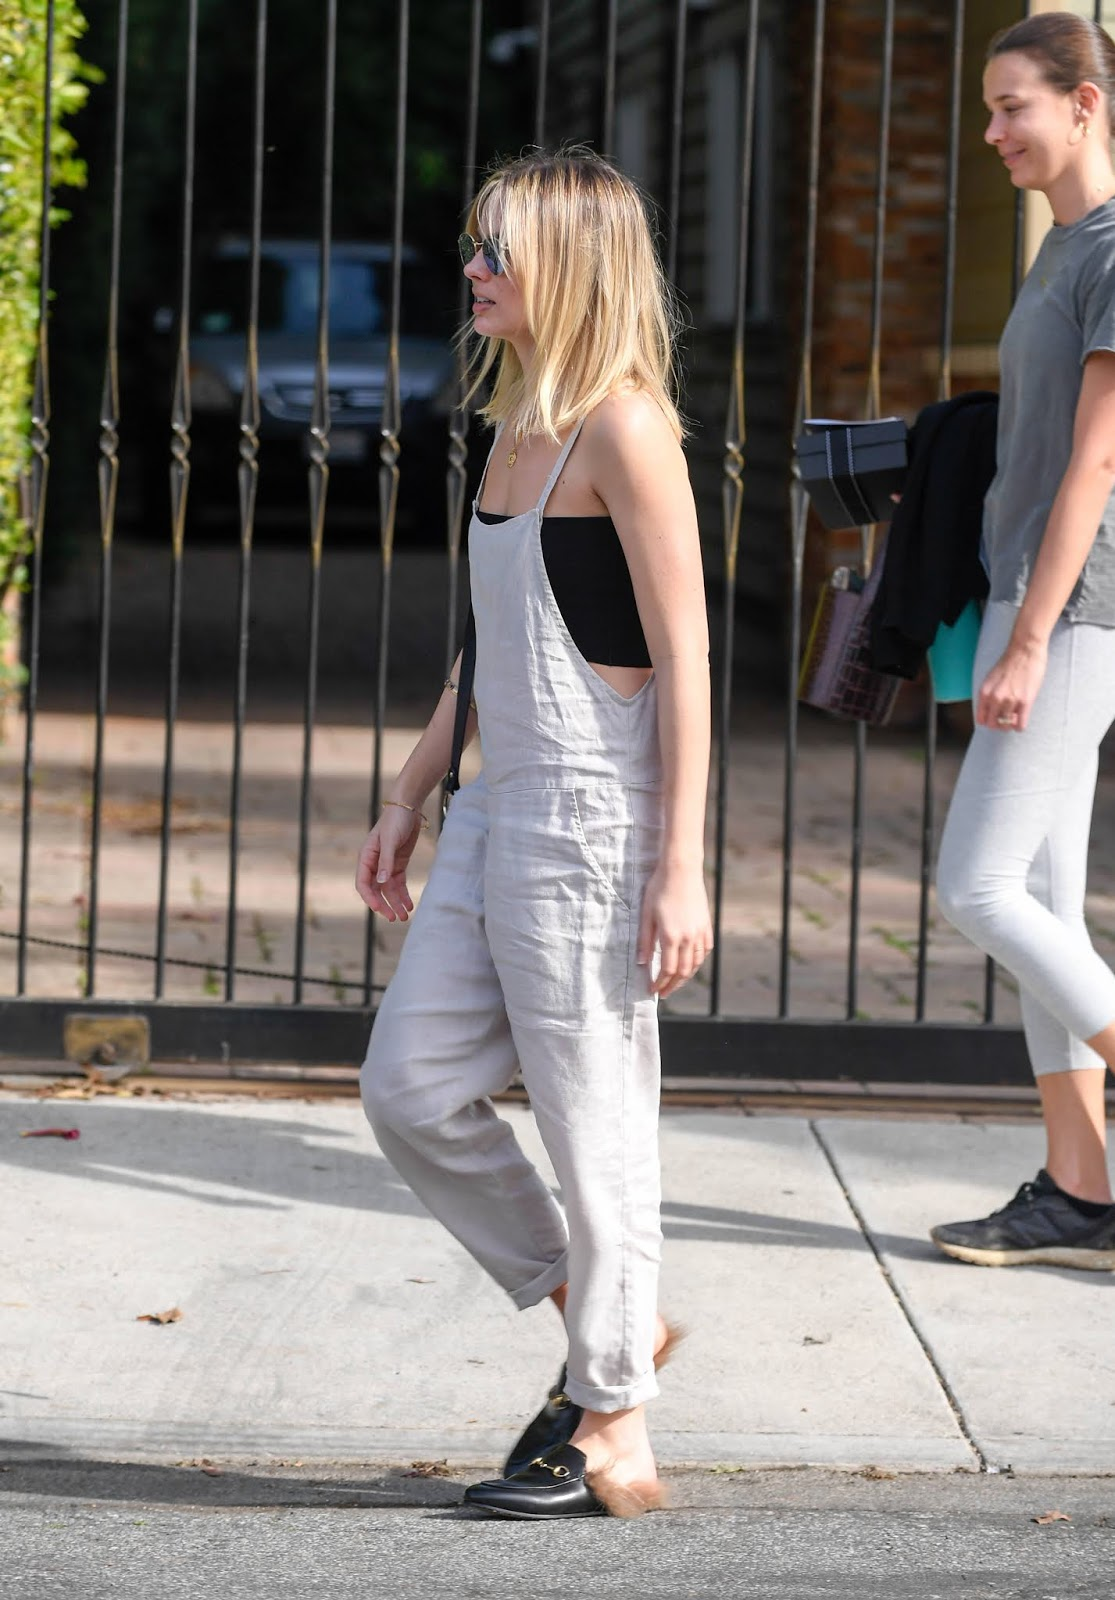 Margot Robbie runs errands in linen overalls in Los Angeles - 01/26/2019